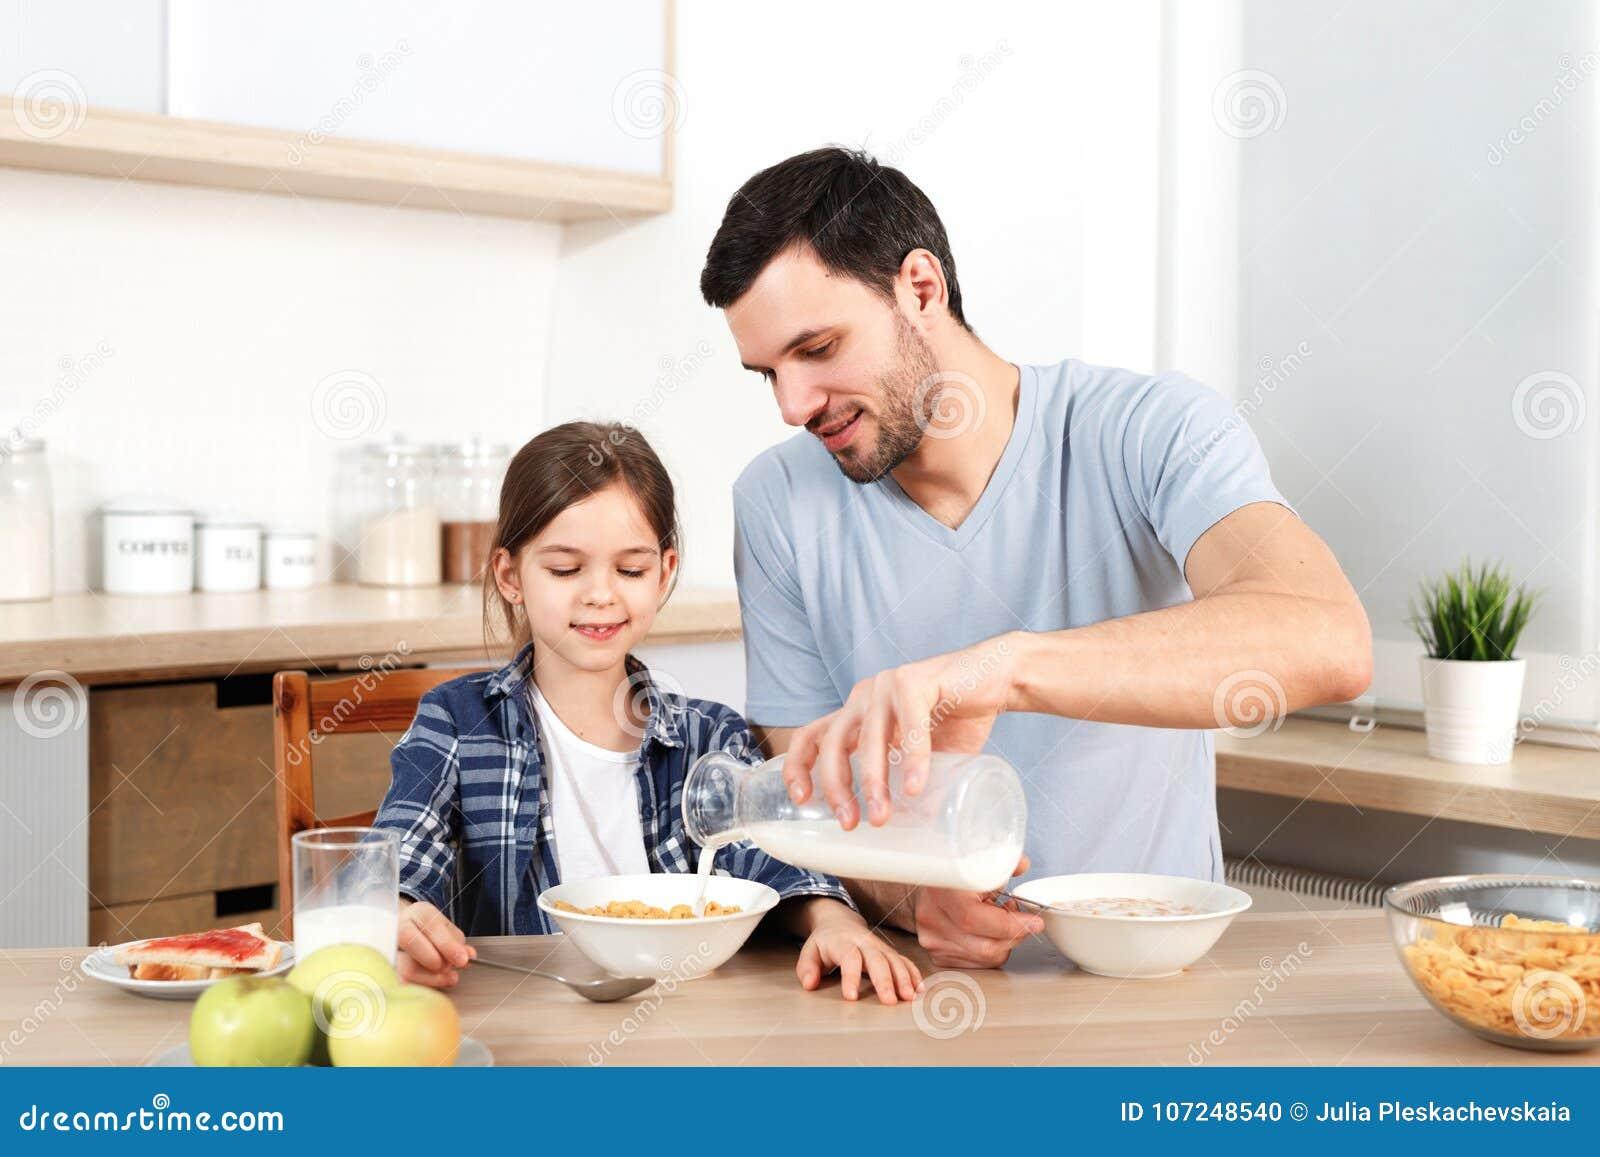 年轻英俊的父亲倒在碗的牛奶有剥落的,早餐为小孩子做准备,在厨房一起坐,有